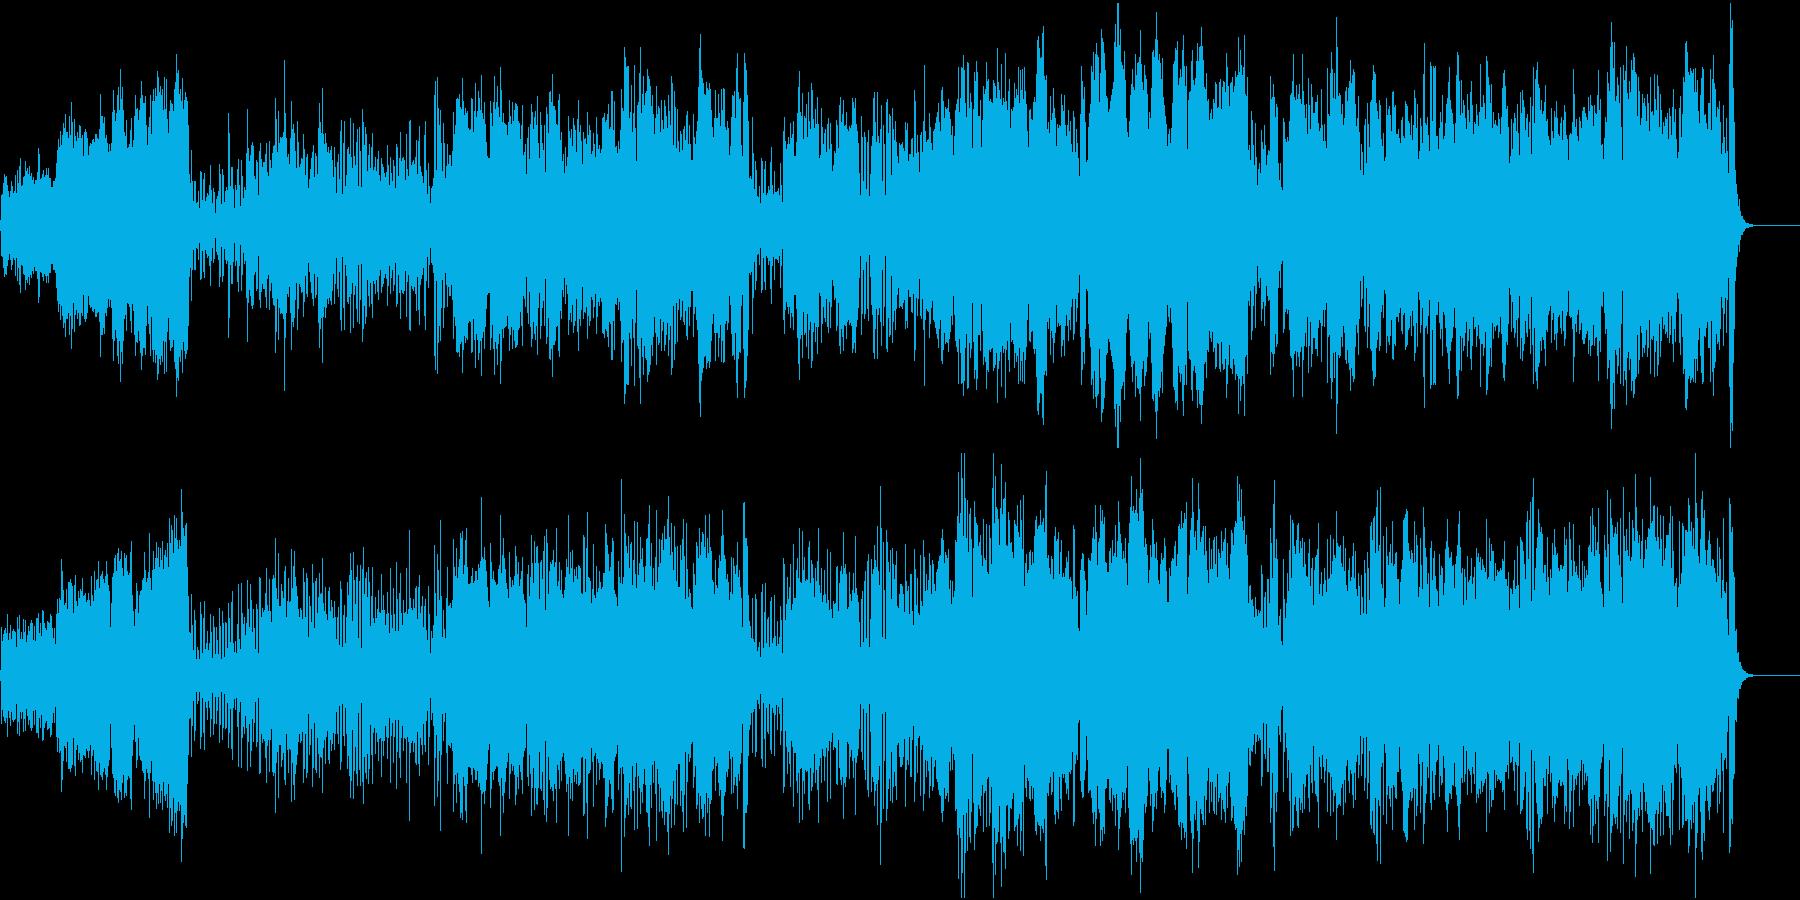 優雅な昼下がりを思わせる3拍子クラシックの再生済みの波形